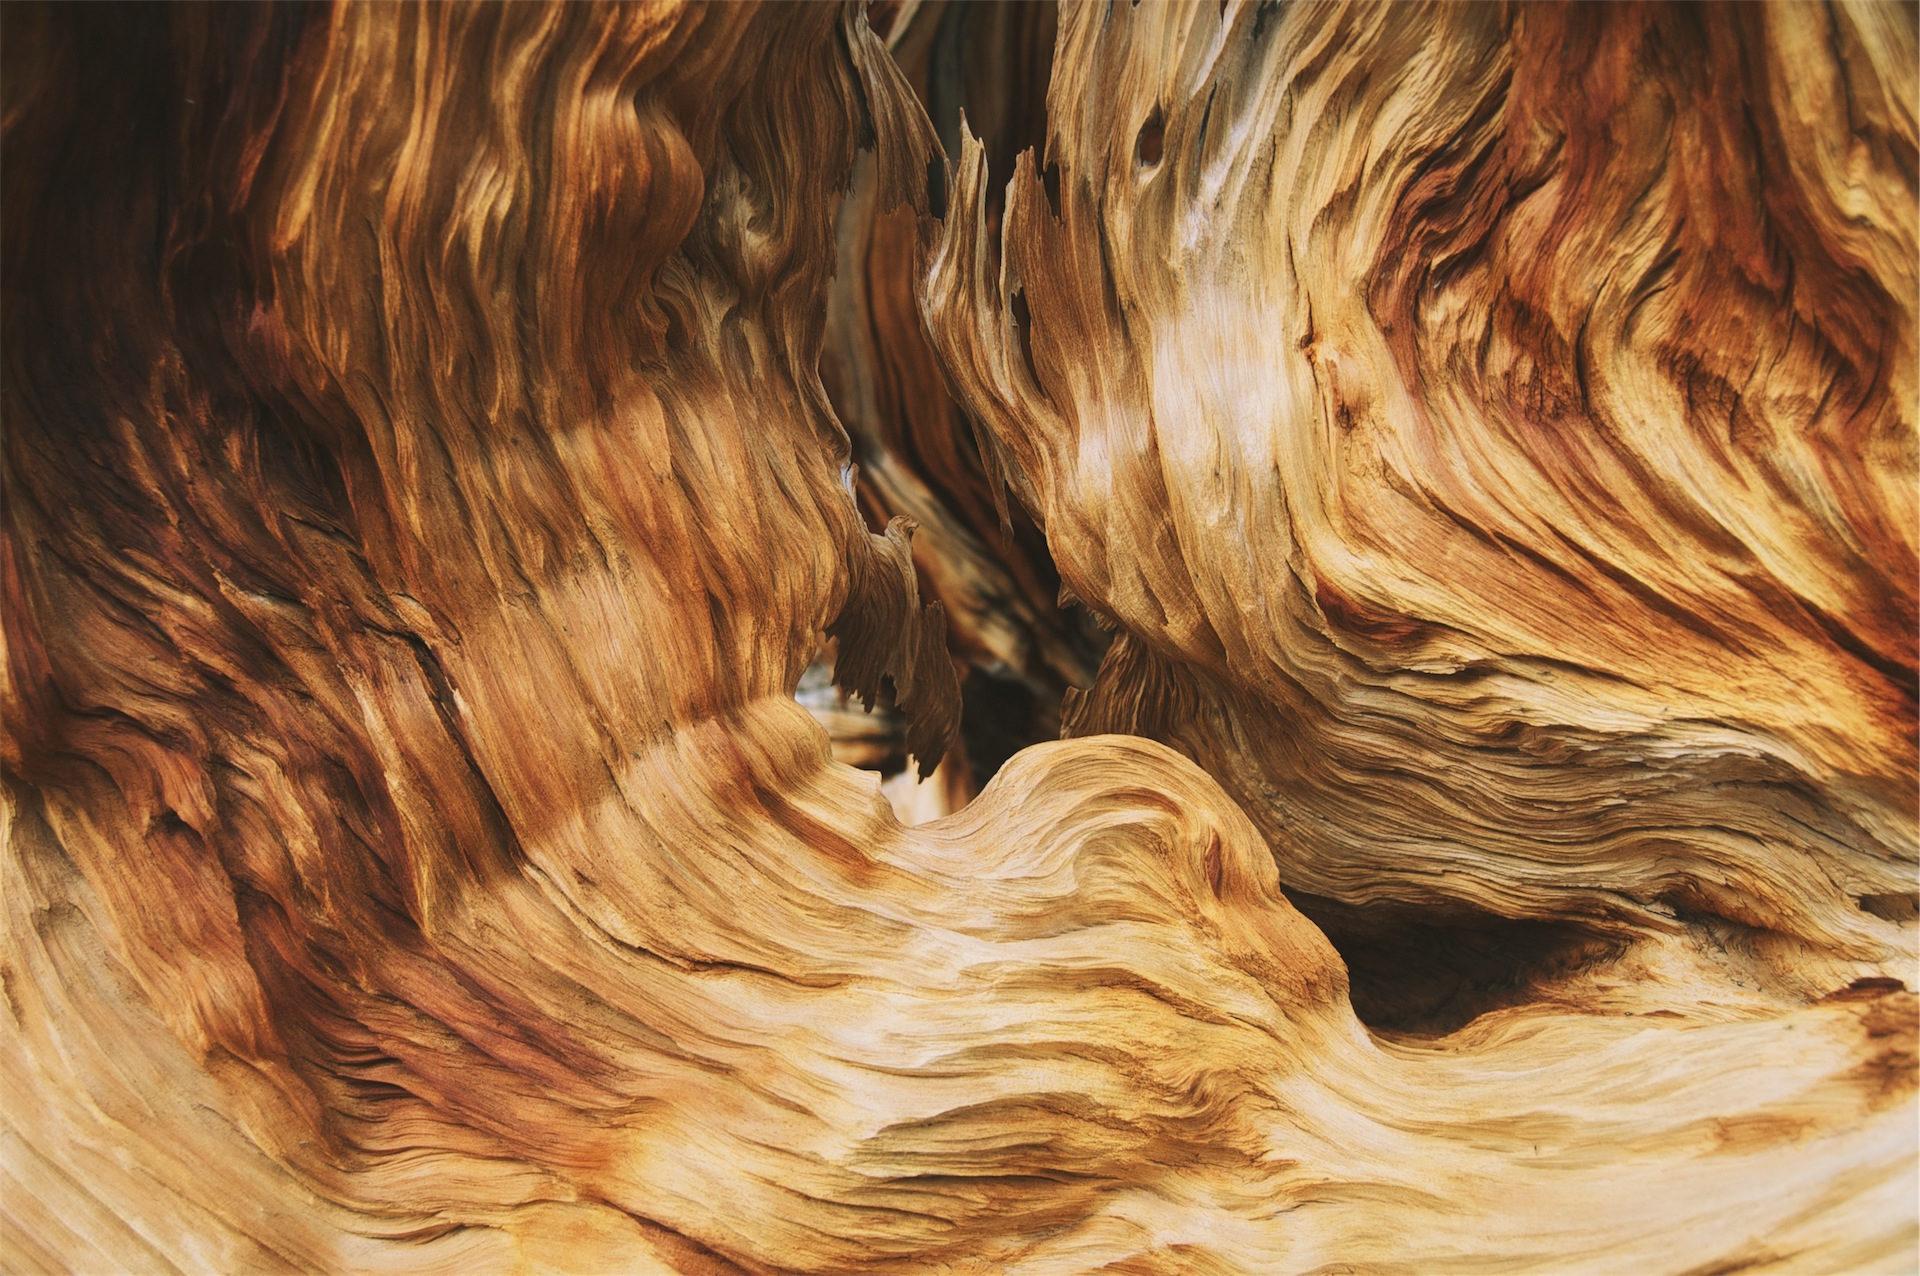 vene, legno, onde, colorato, gradiente - Sfondi HD - Professor-falken.com